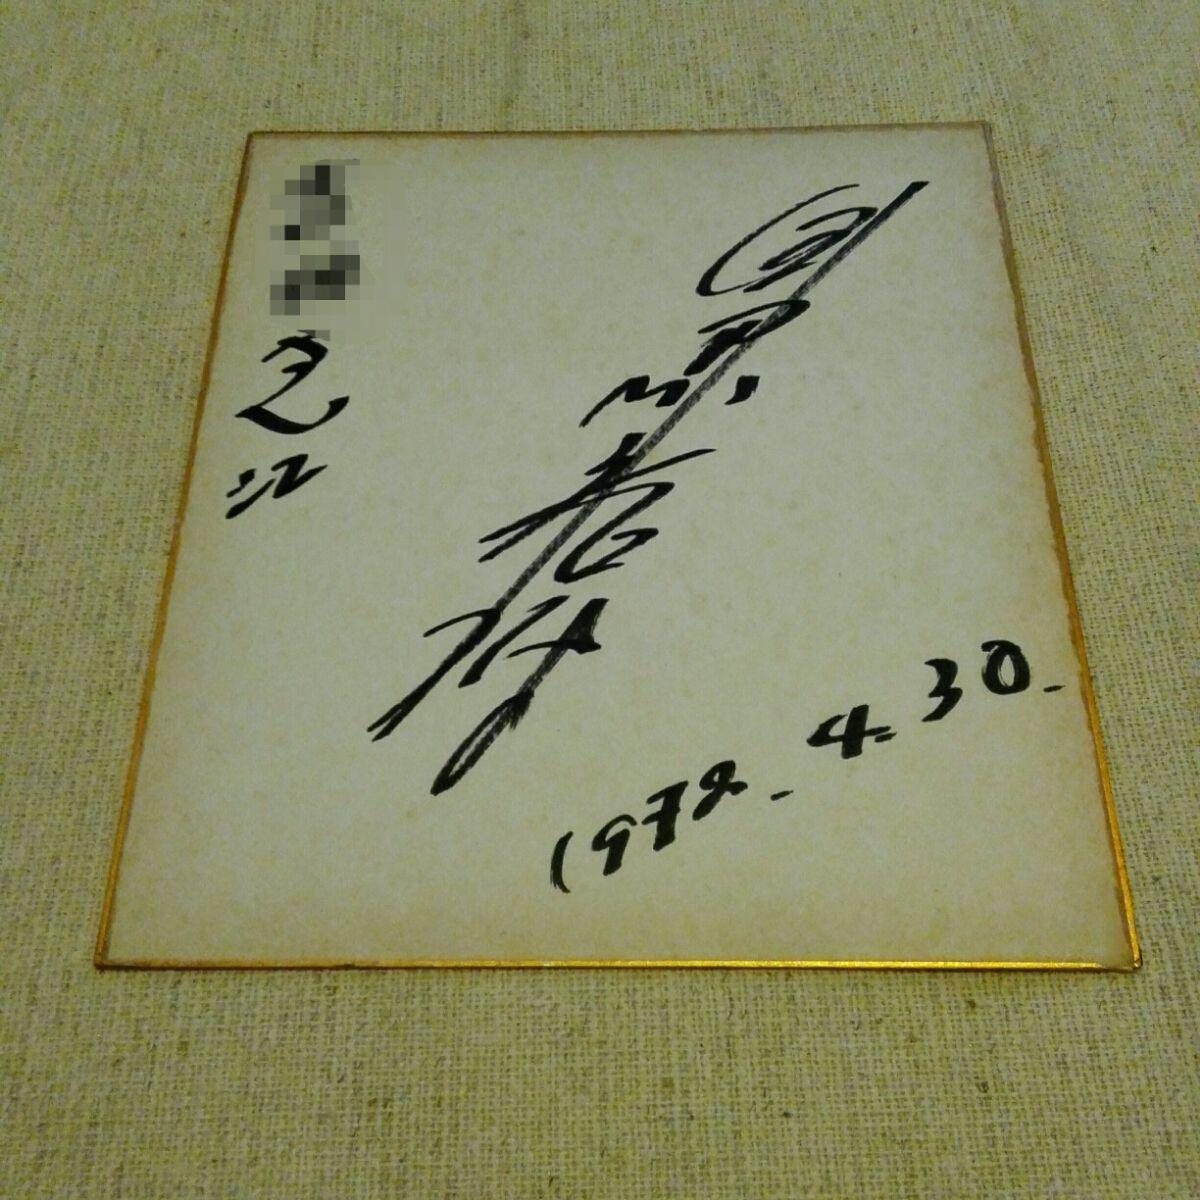 目黒祐樹の画像 p1_20